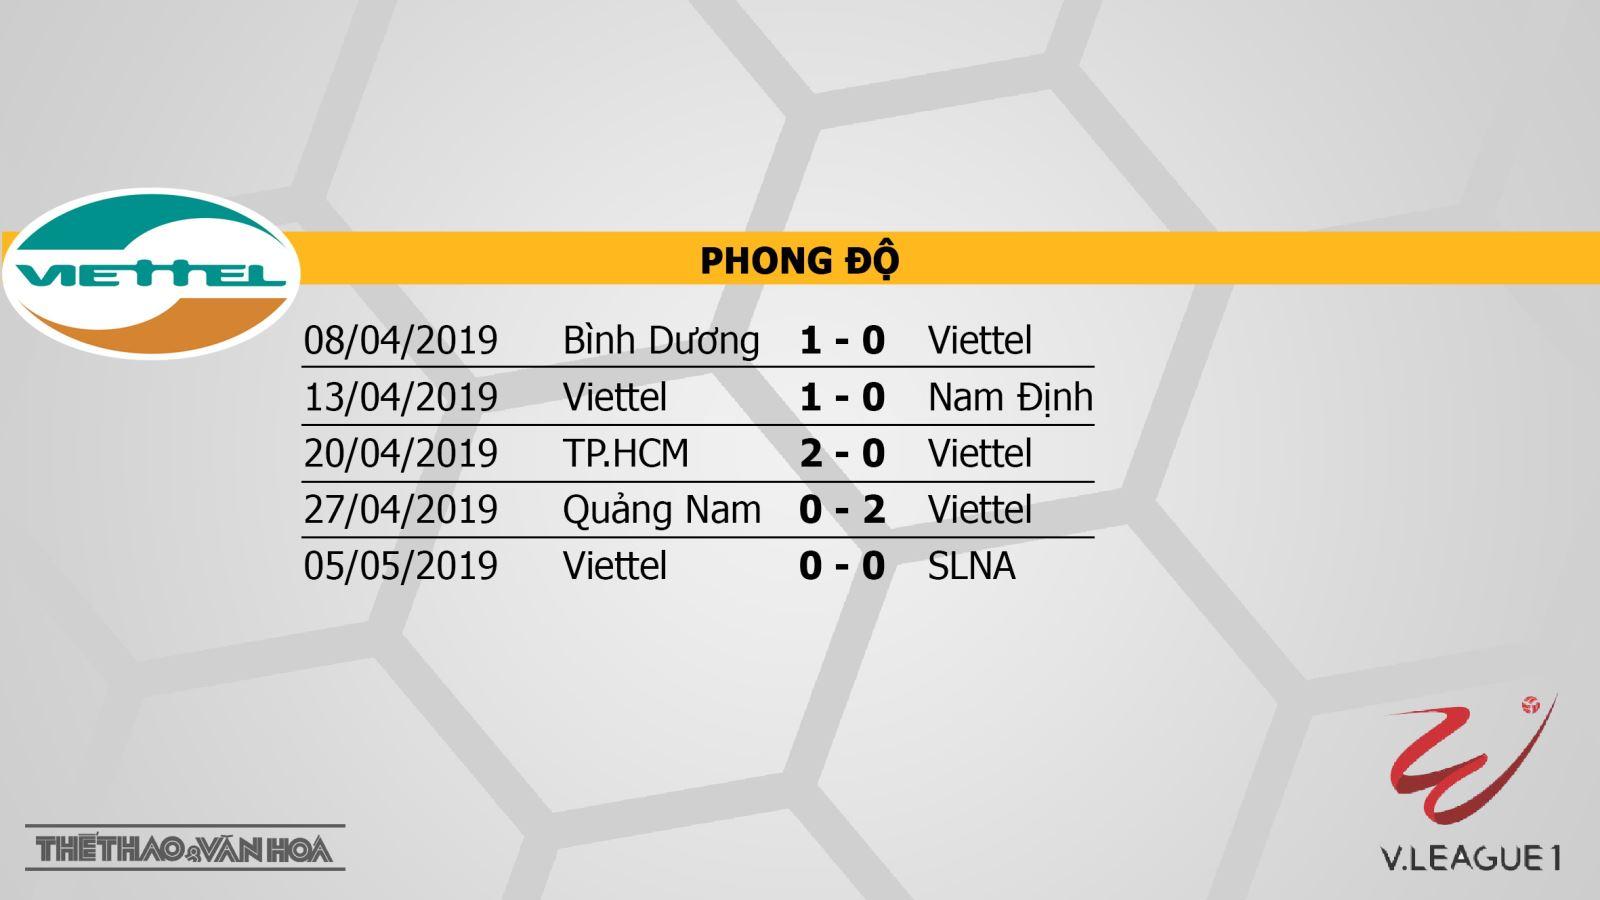 Viettel vsHAGL, Viettel, HAGL, truc tiep bong da, trực tiếp bóng đá, truc tiep Viettel, truc tiep Viettel vsHAGL, v league 2019, truc tiep v league, BDTV, FPT Play